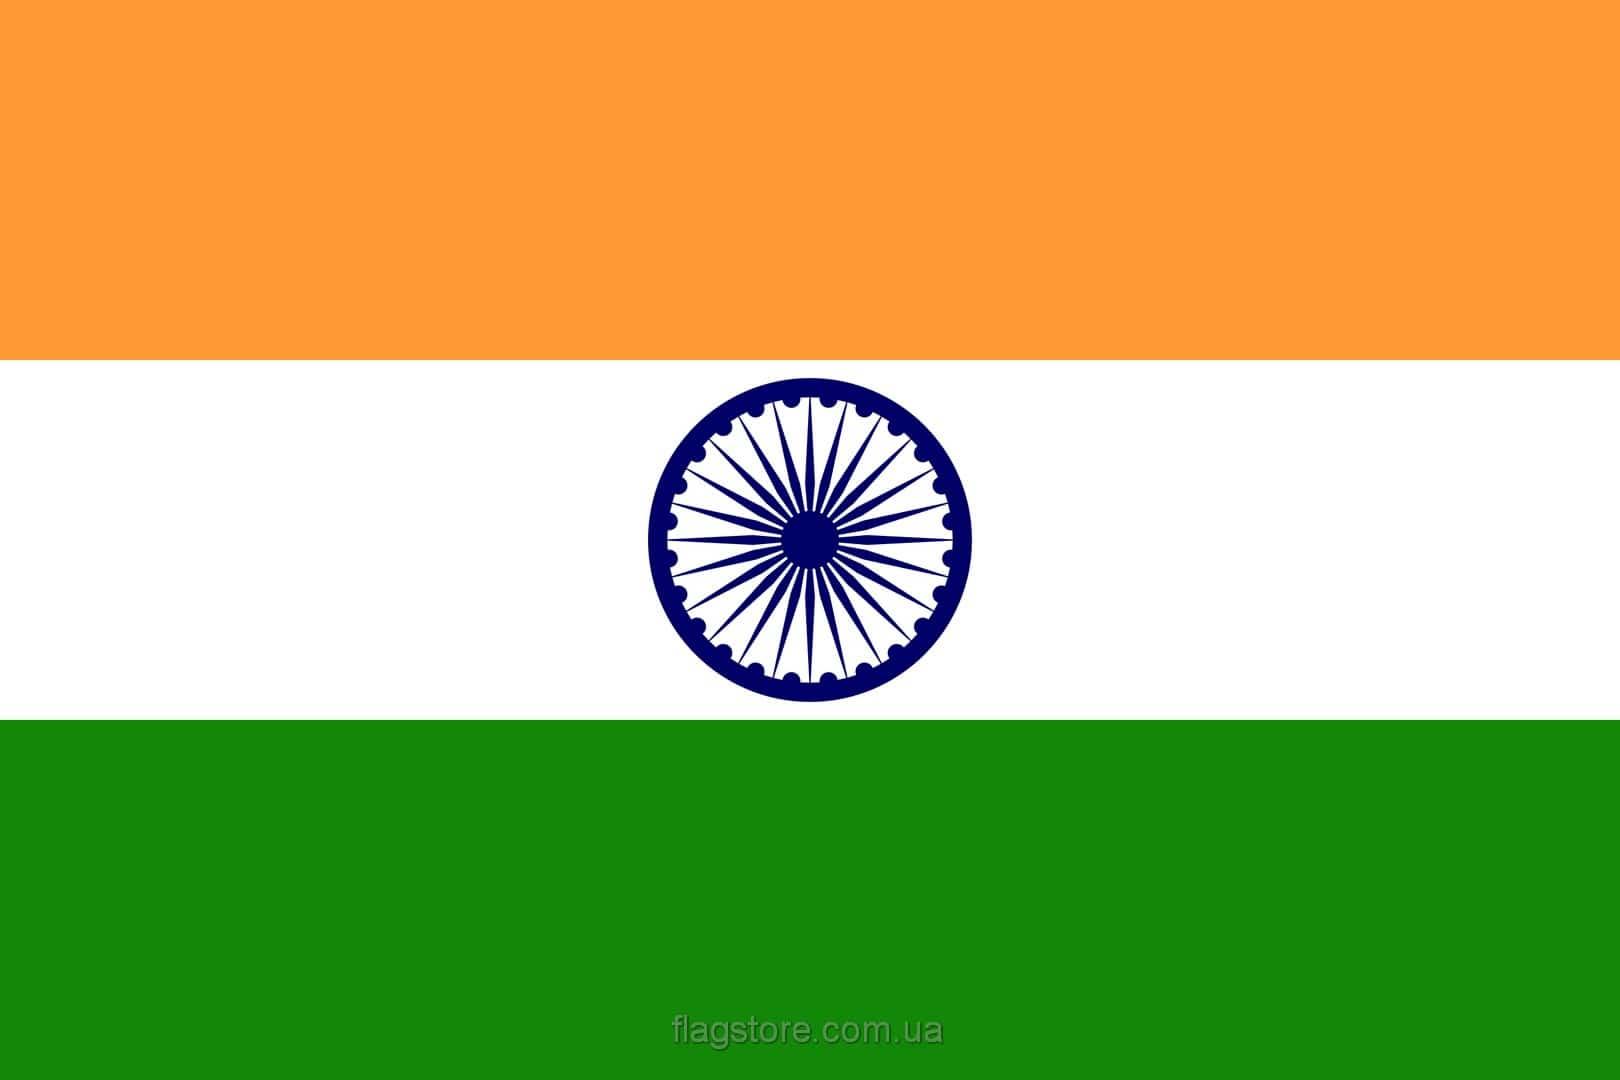 Купить флаг Индии (страны Индия)